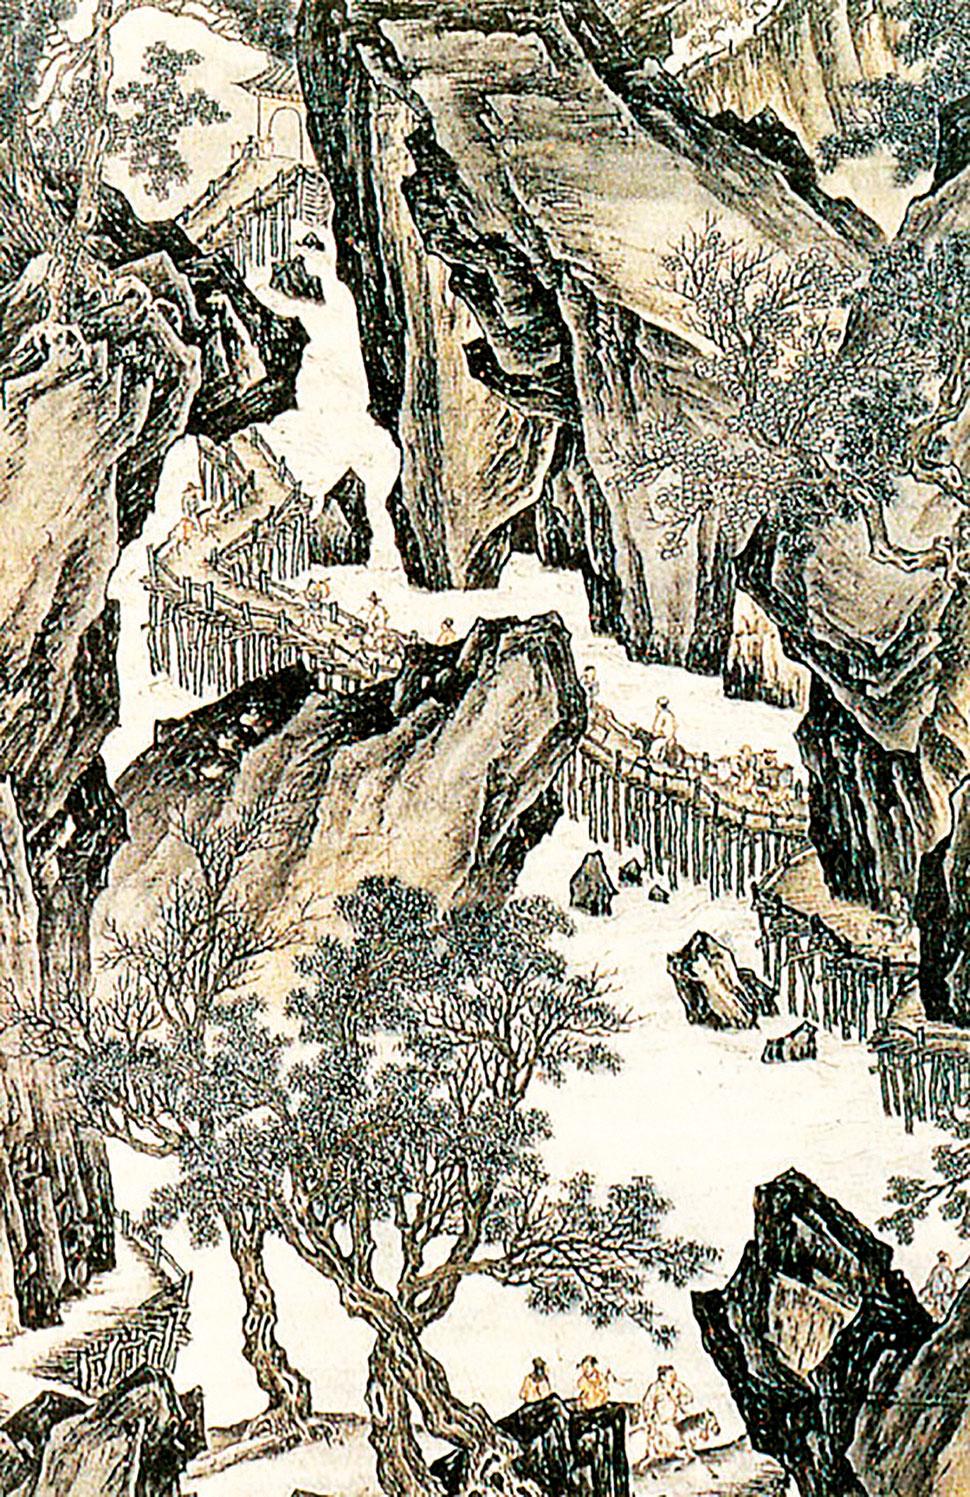 《蜀道難》詩意圖,清朝畫家袁耀繪。(公有領域)